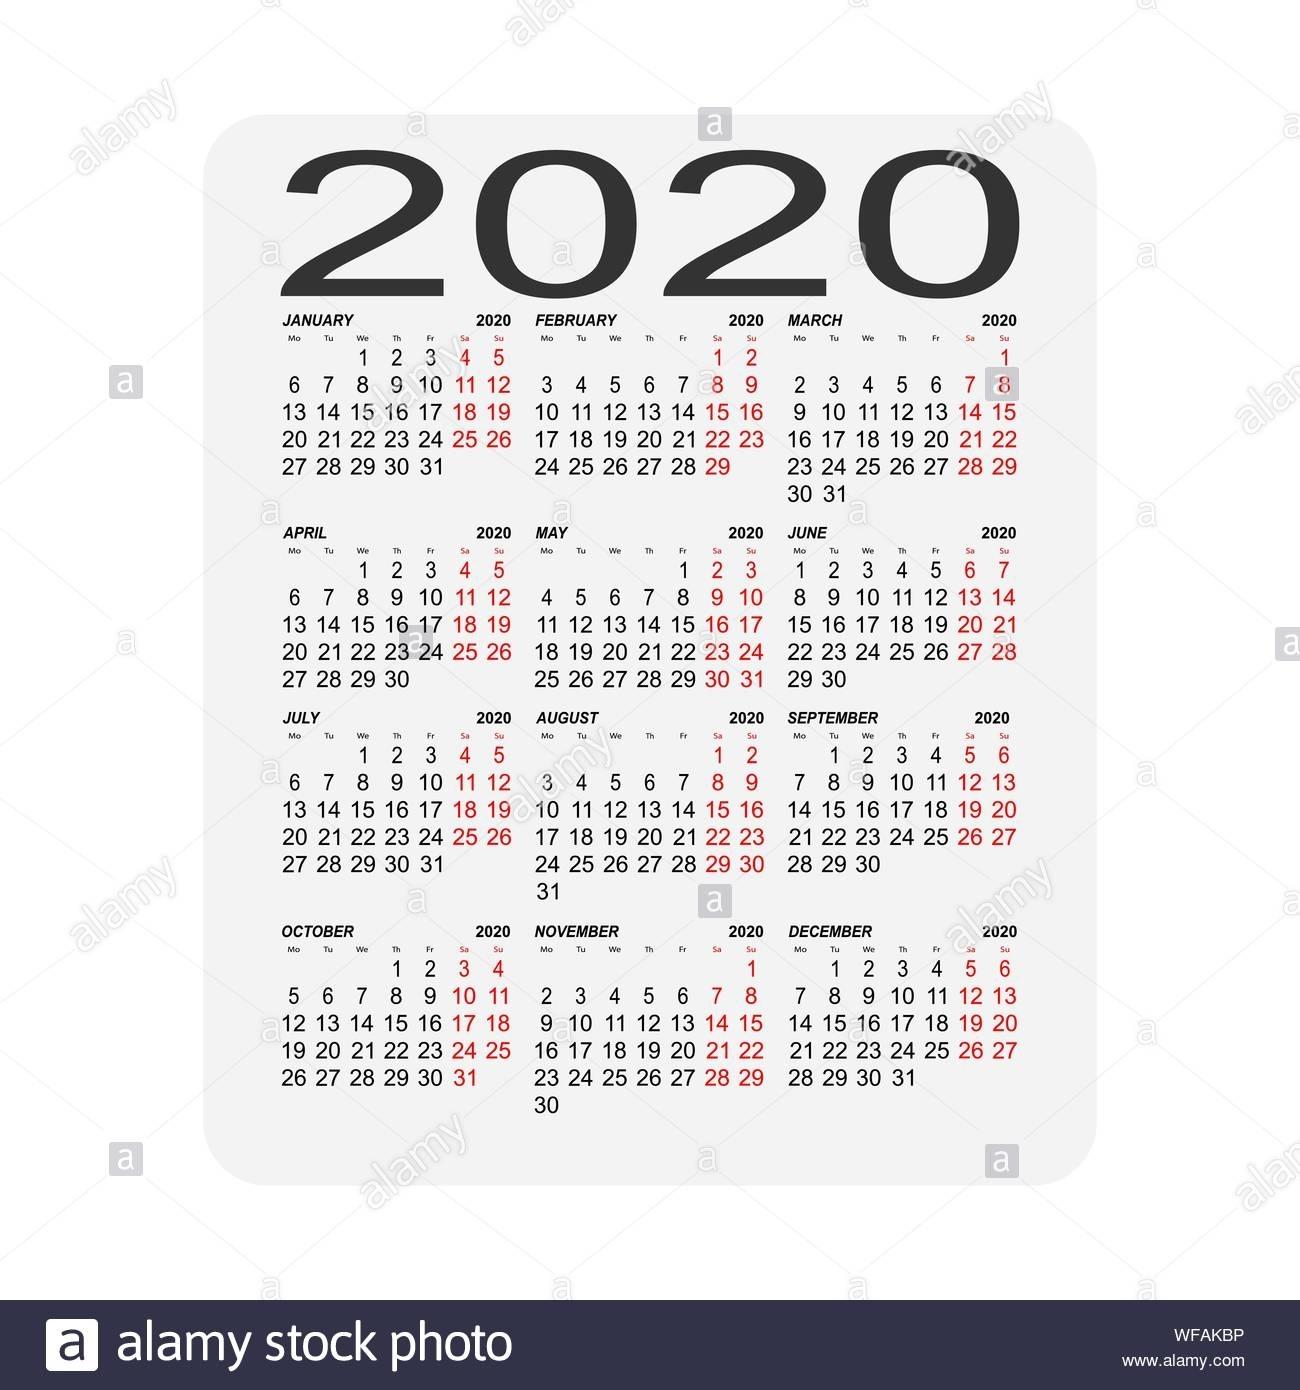 Calendar 2020. Calendar Sheet. Two Days Off A Week Stock throughout Special Calendar Days In 2020